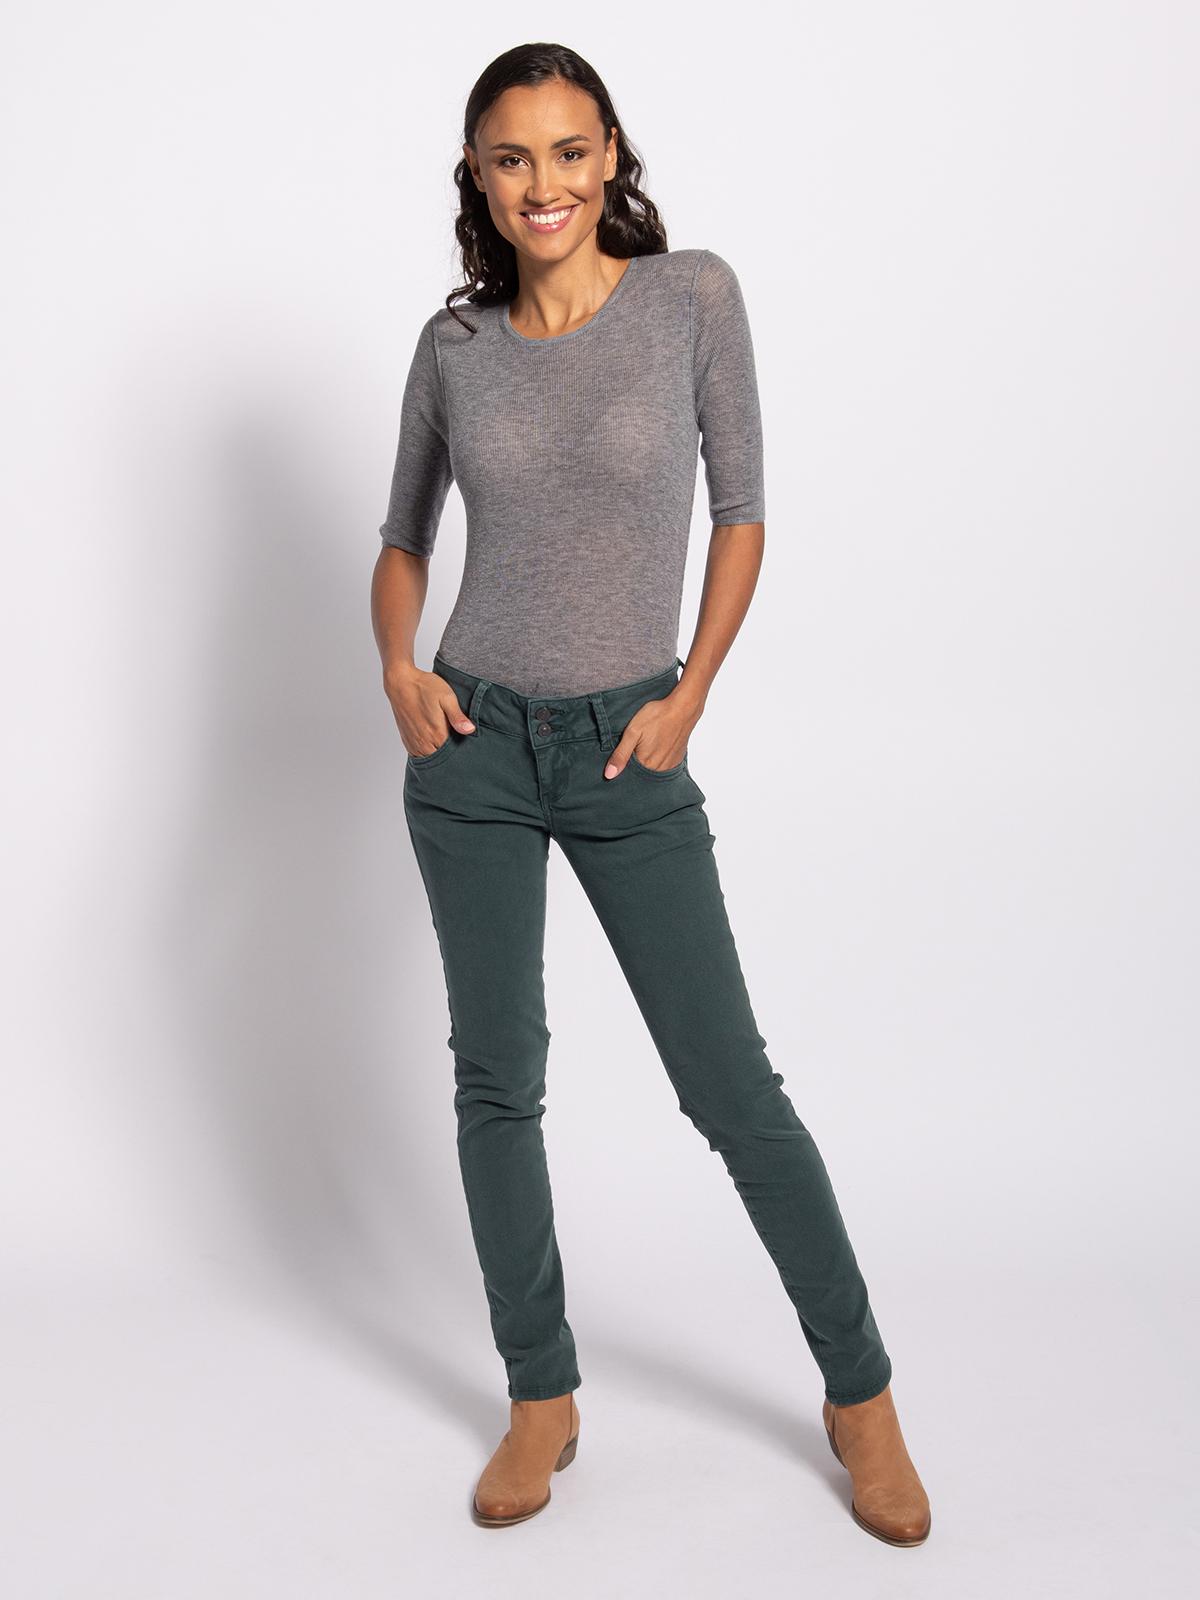 LTB Spijkerbroek in groen voor Dames